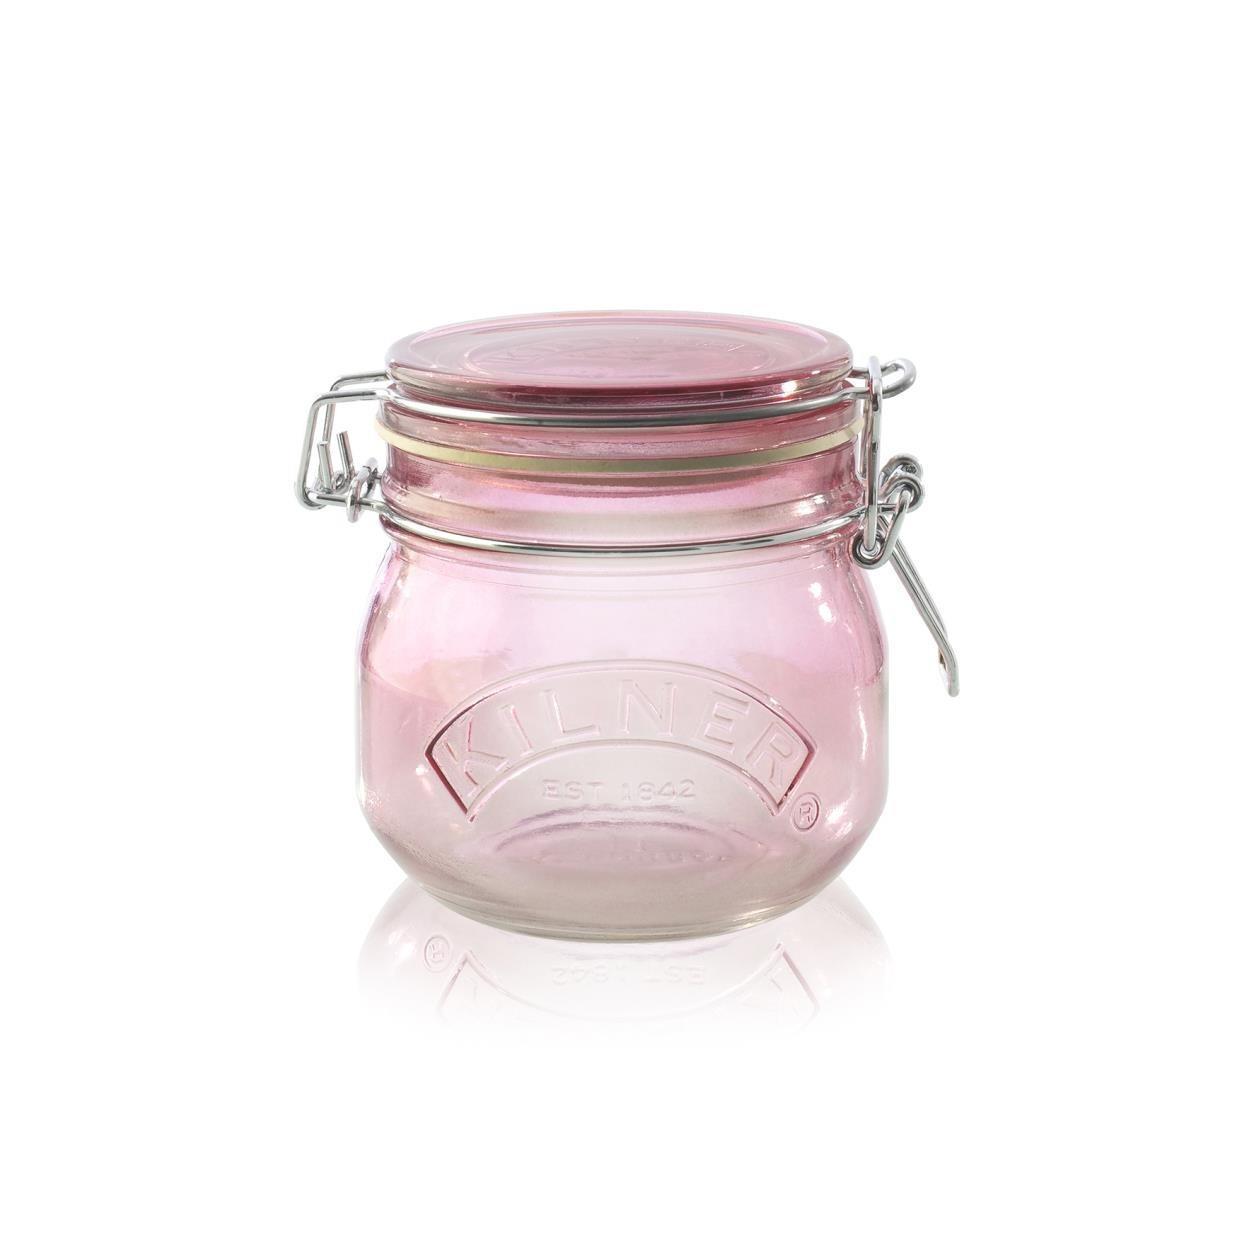 KILNER Skleněná dóza s klipem Pink 500 ml, růžová barva, sklo